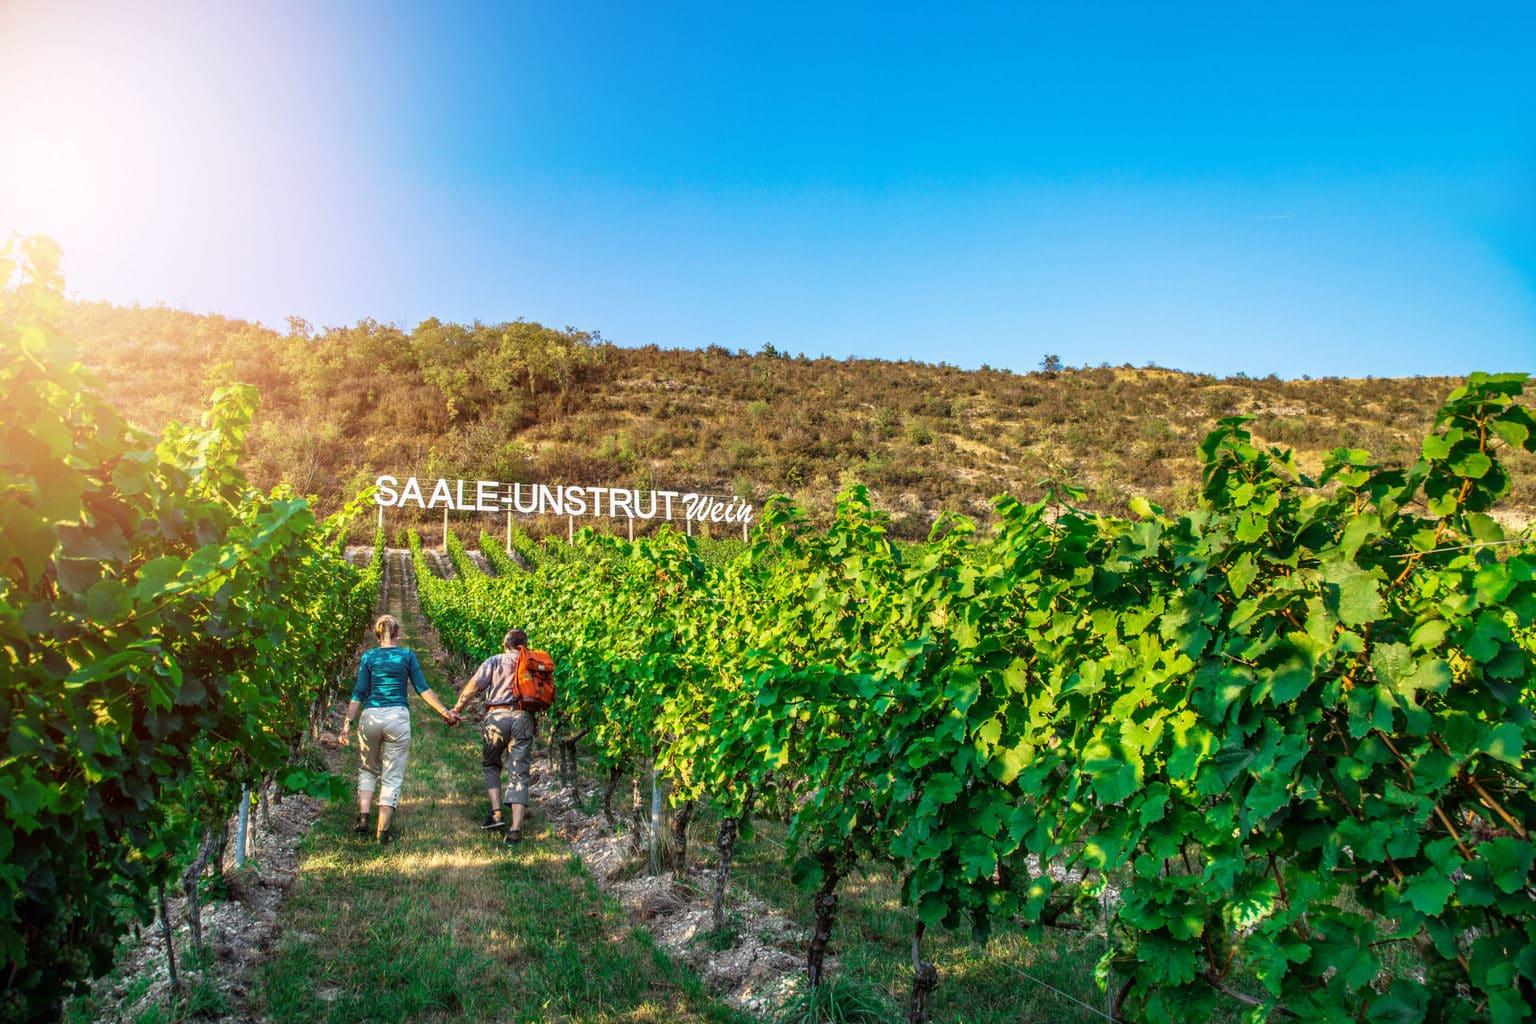 Een beetje zoals Hollywood: wijnbergen in de regio Saale-Unstrut met een wandelend stel